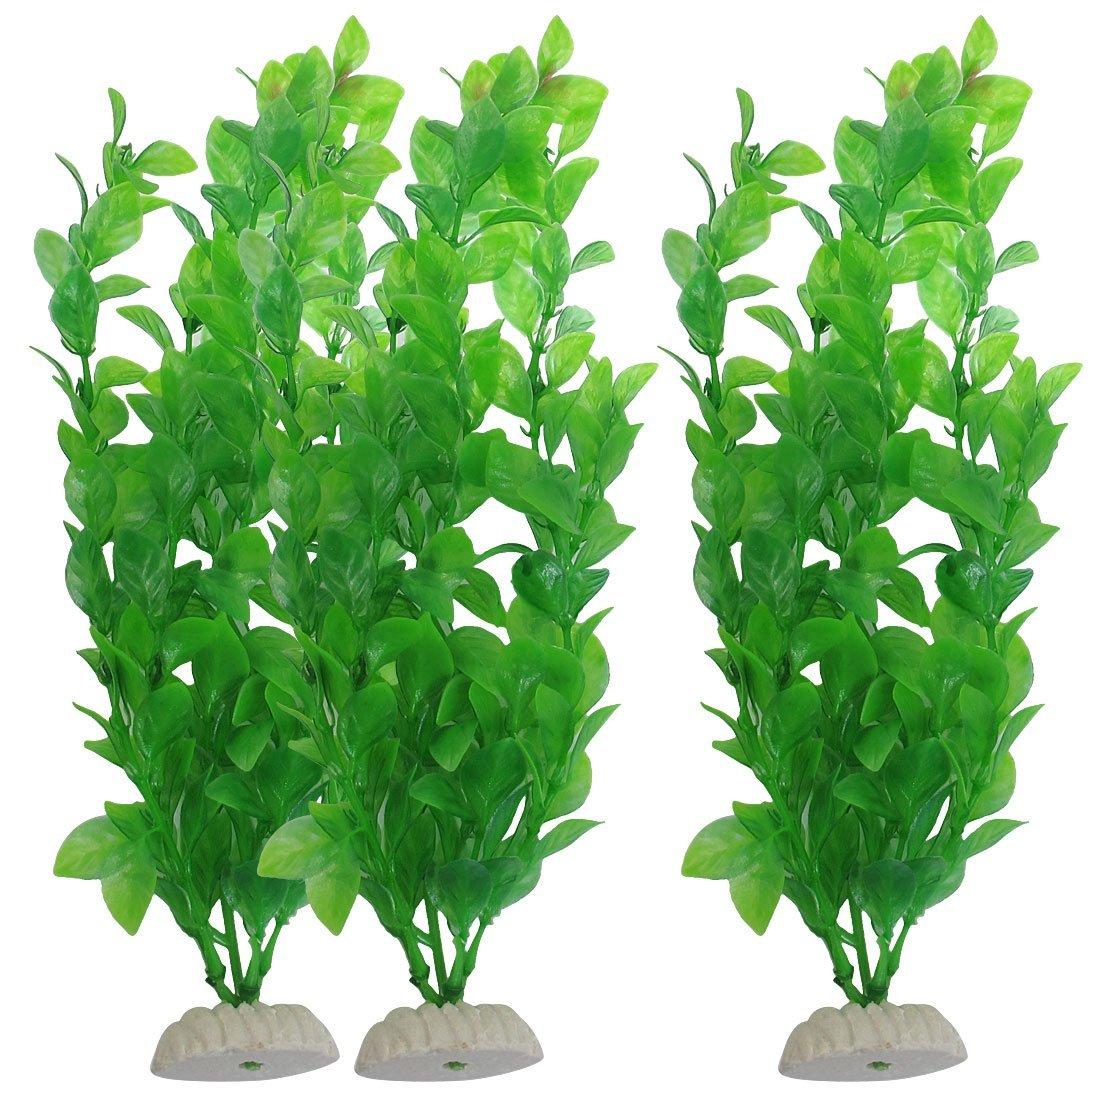 3 Pcs Green Plastic Artificial Water Plants For Aquarium Fish Tank Ad Ebay